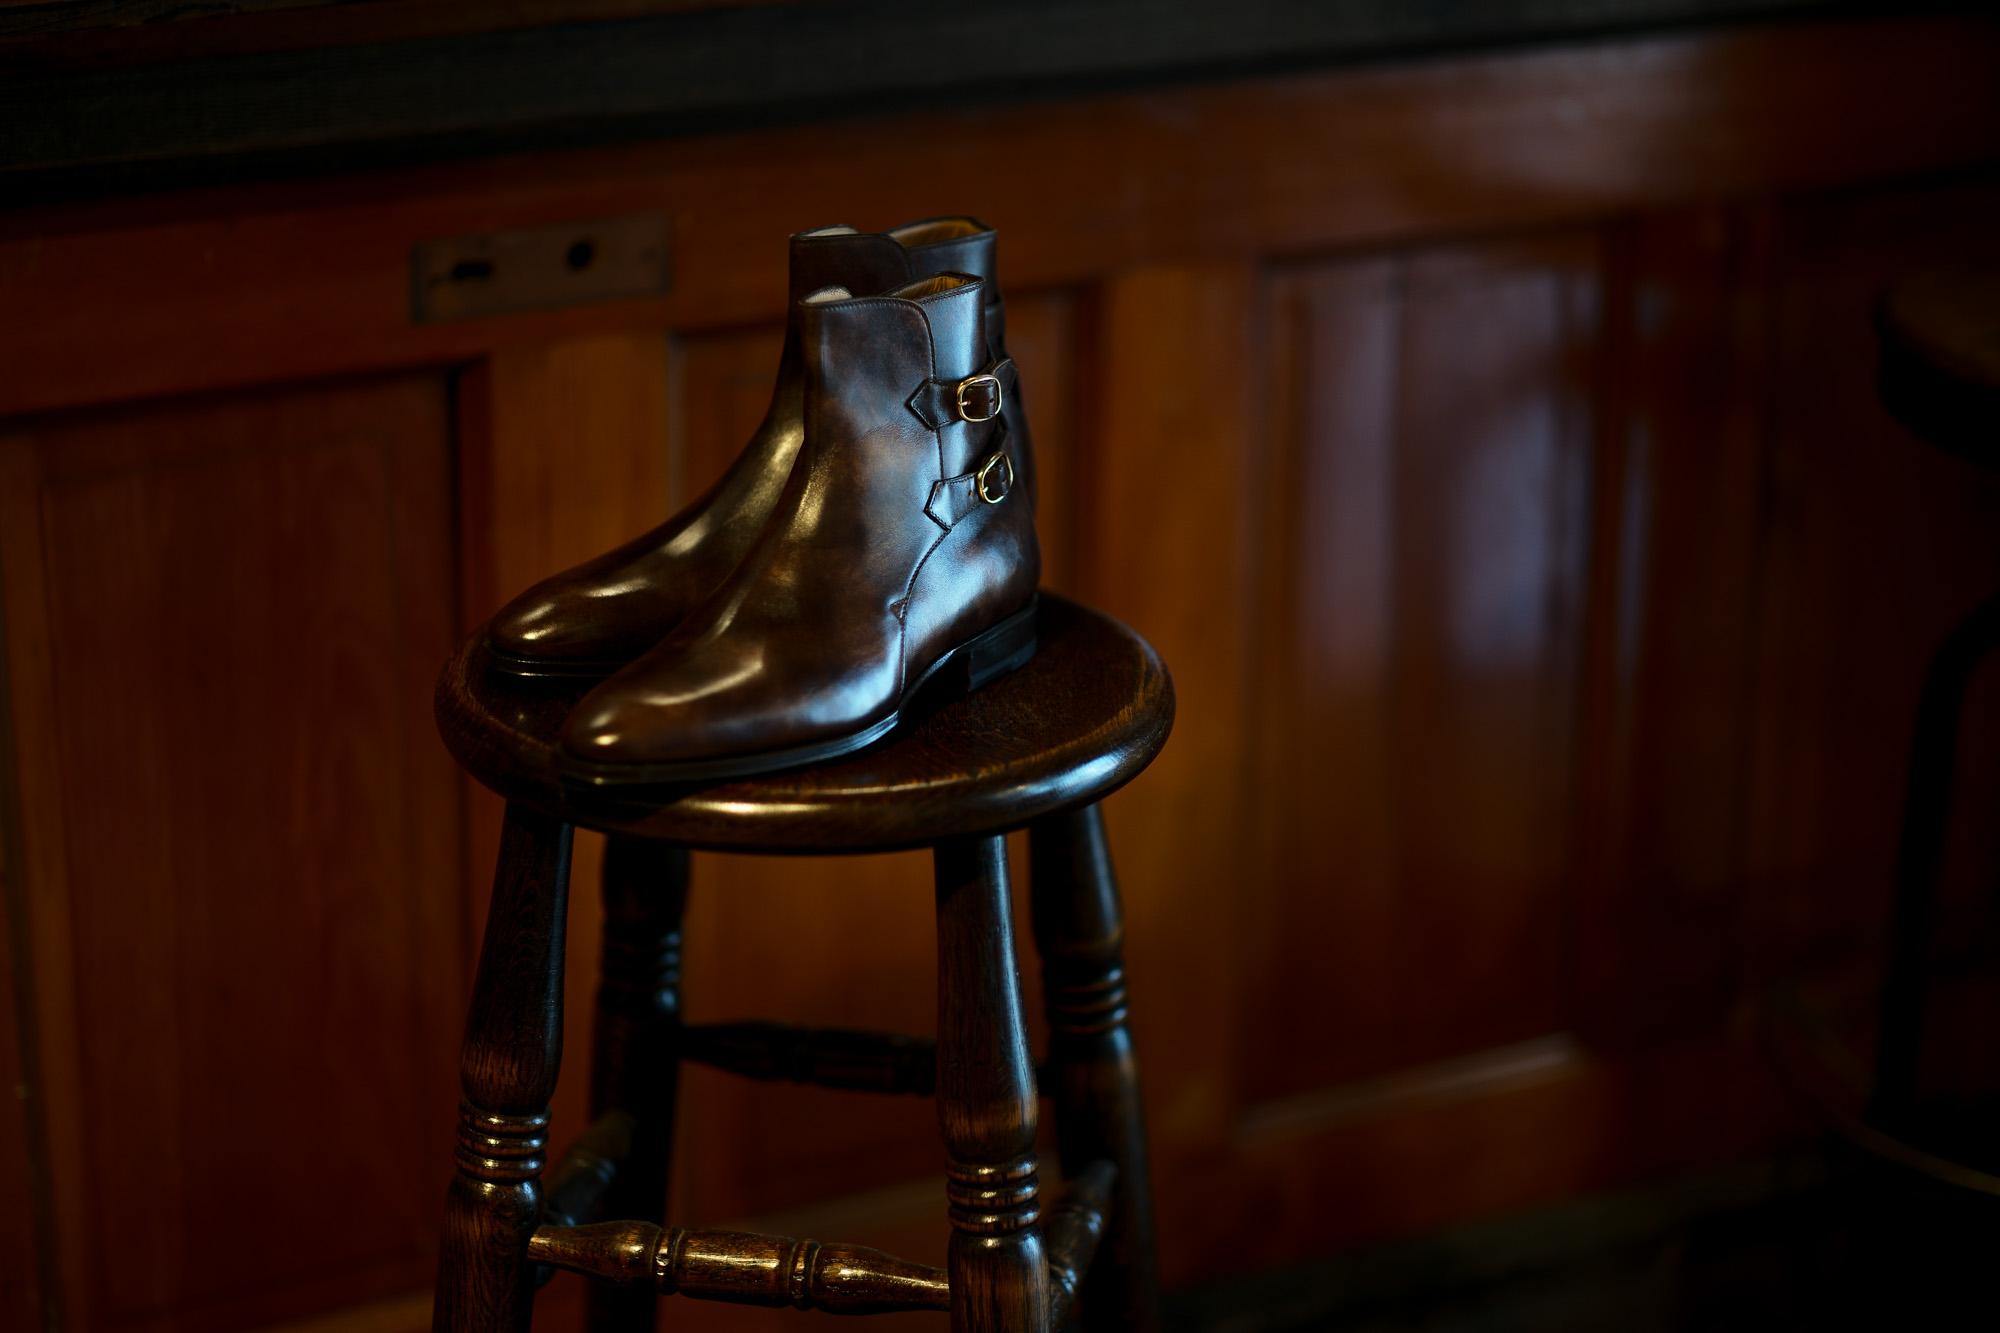 ENZO BONAFE(エンツォボナフェ) ART.3995 Double strap boot BONAUDO MUSEUM CALF ボナウド社ミュージアムカーフ ダブルストラップブーツ DARK BROWN (ダークブラウン) made in italy (イタリア製) 2020 秋冬新作 【入荷しました】【フリー分発売開始】愛知 名古屋 altoediritto アルトエデリット ブーツ